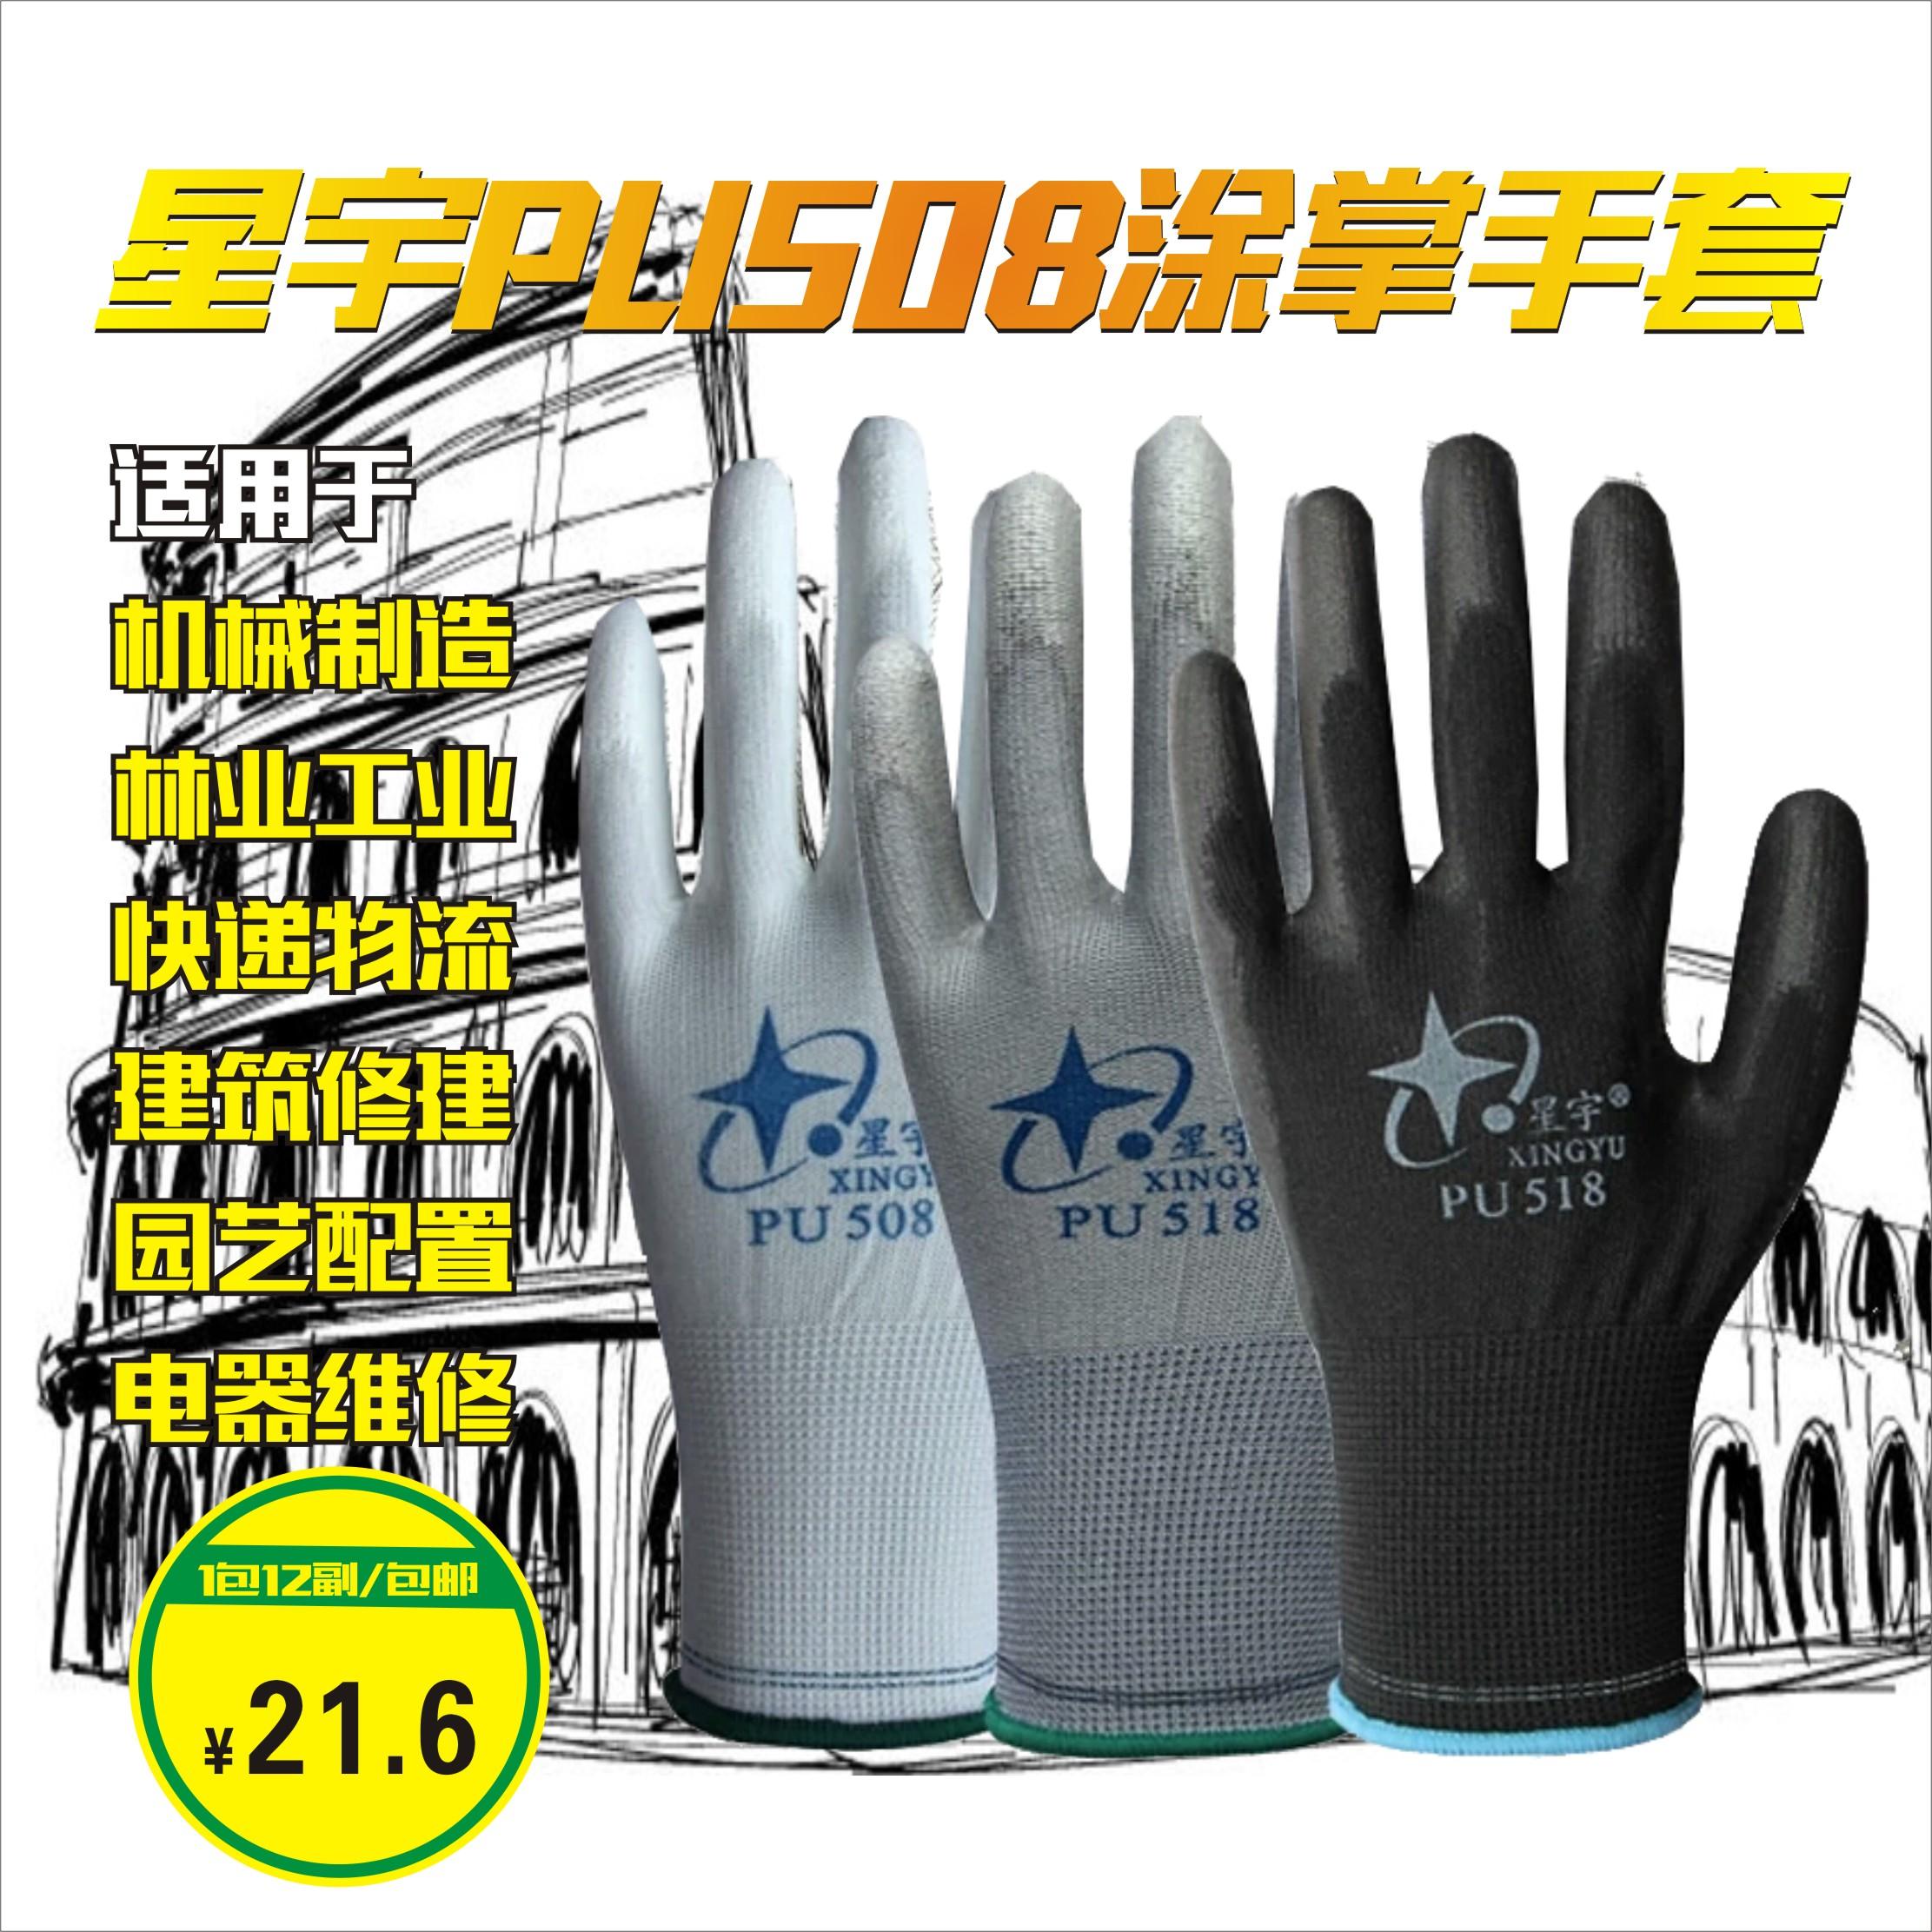 正品大号通用包邮12双星宇PU508耐磨防静电涂掌透气防滑劳保手套